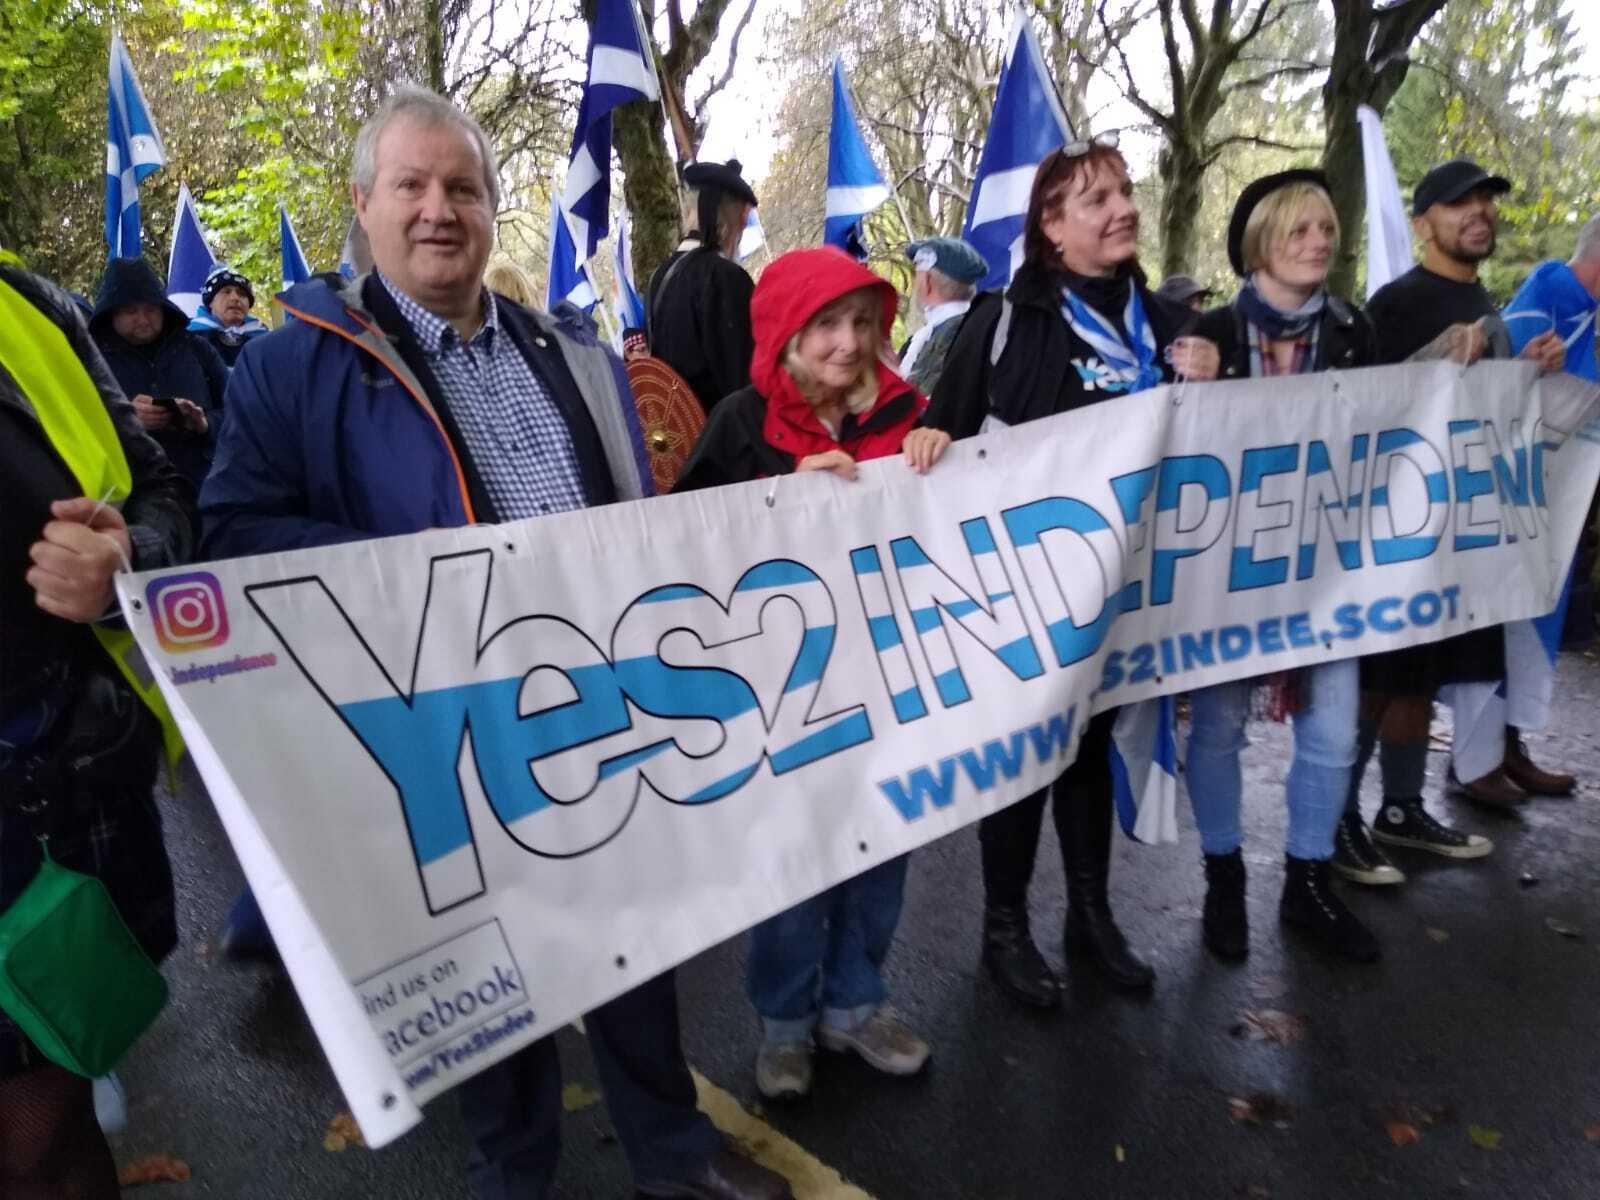 Indyref: Ian Blackford lidera la marcha por la independencia en Glasgow